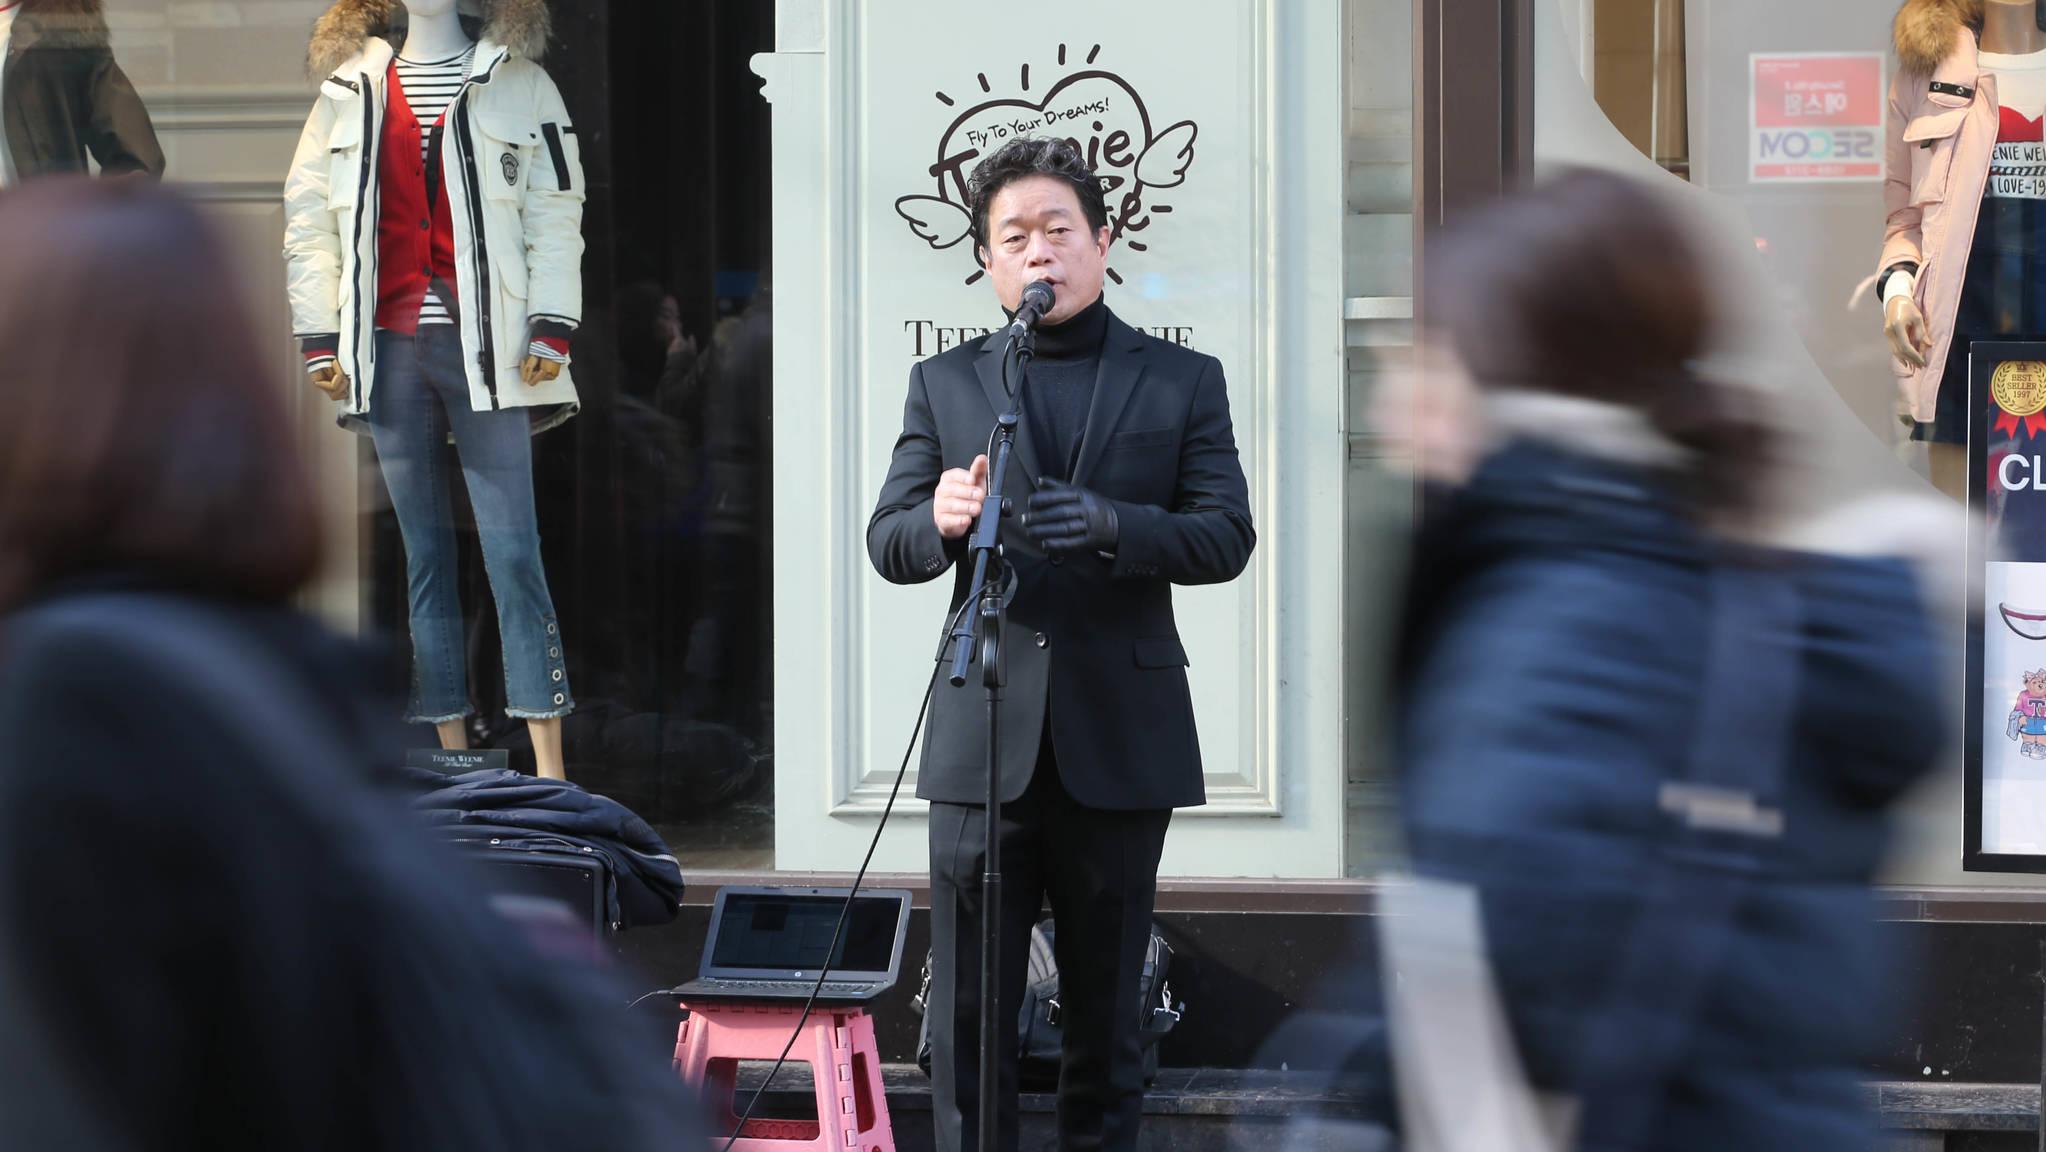 성악가인 노희섭 인씨엠예술단 단장이 서울 명동 우리은행 앞에서 노래하고 있다. 신인섭 기자